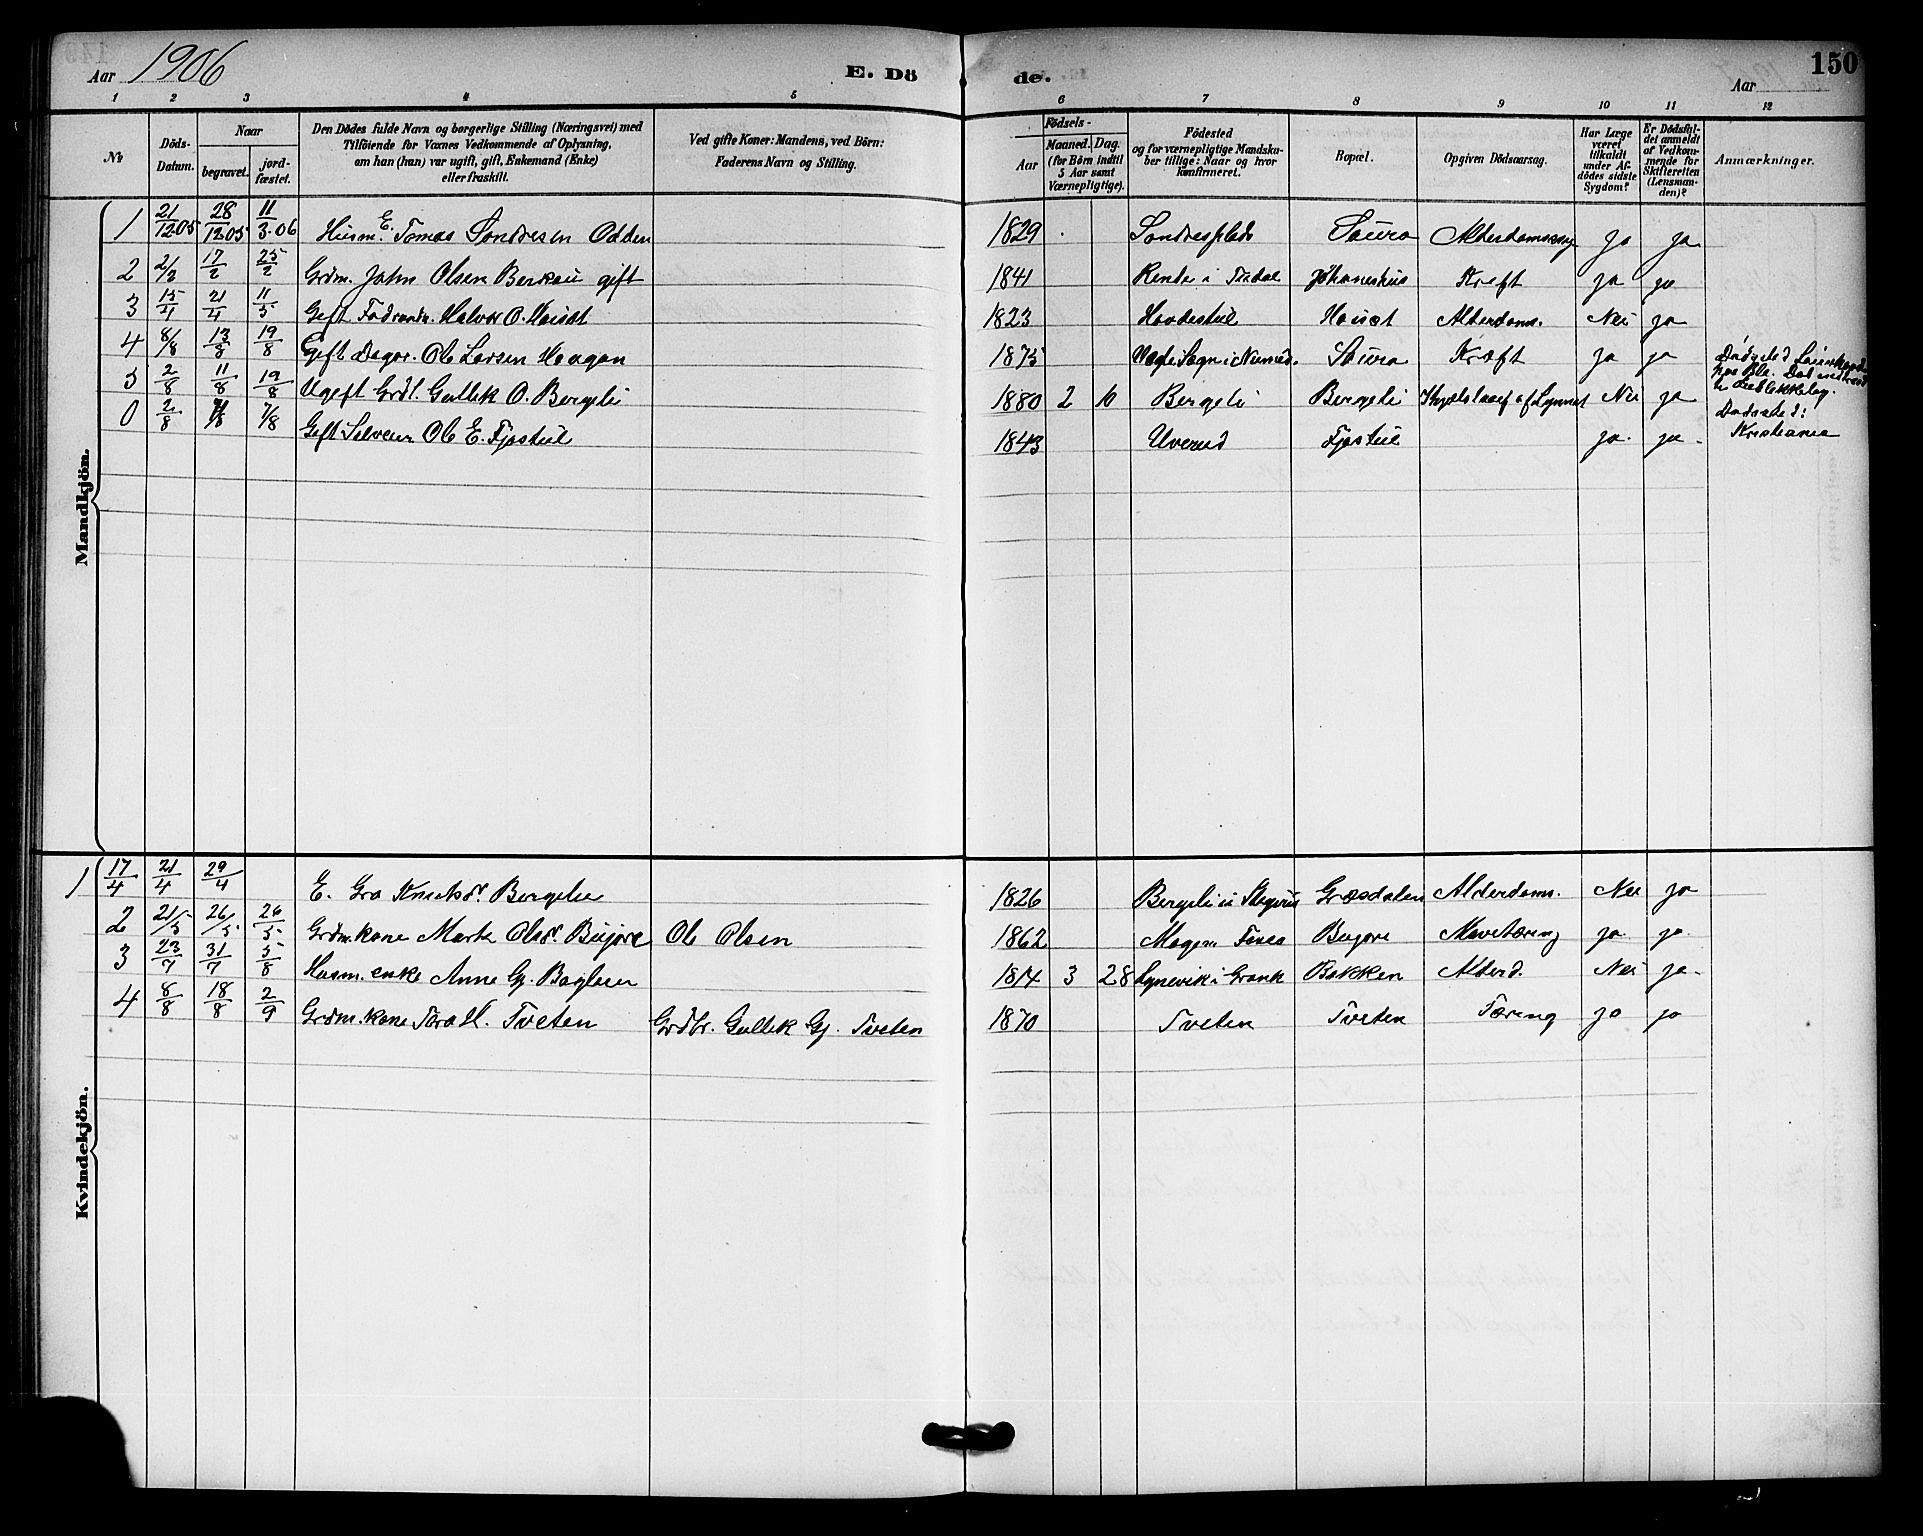 SAKO, Gransherad kirkebøker, G/Gb/L0003: Klokkerbok nr. II 3, 1887-1921, s. 150